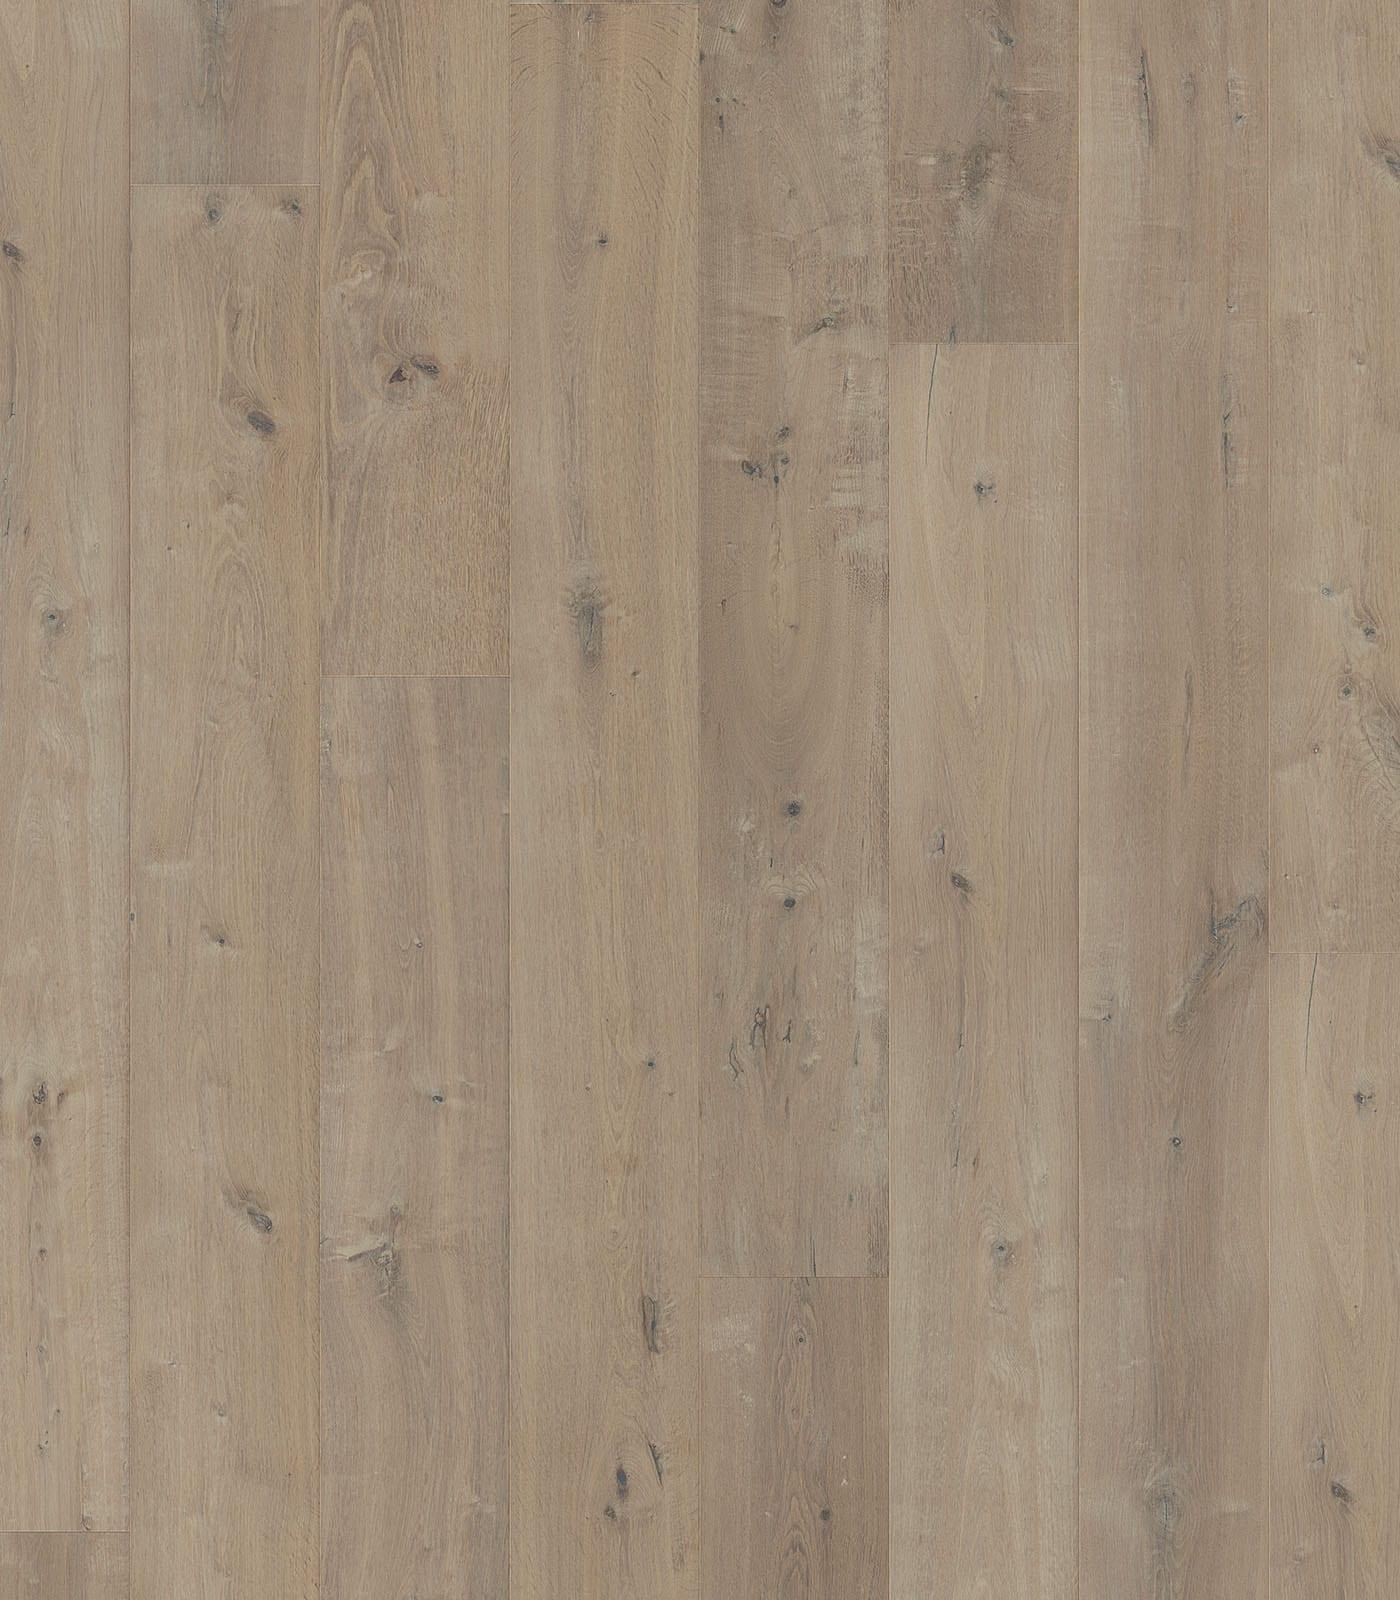 Mauritius - Engineered Hardwood Flooring - Oak